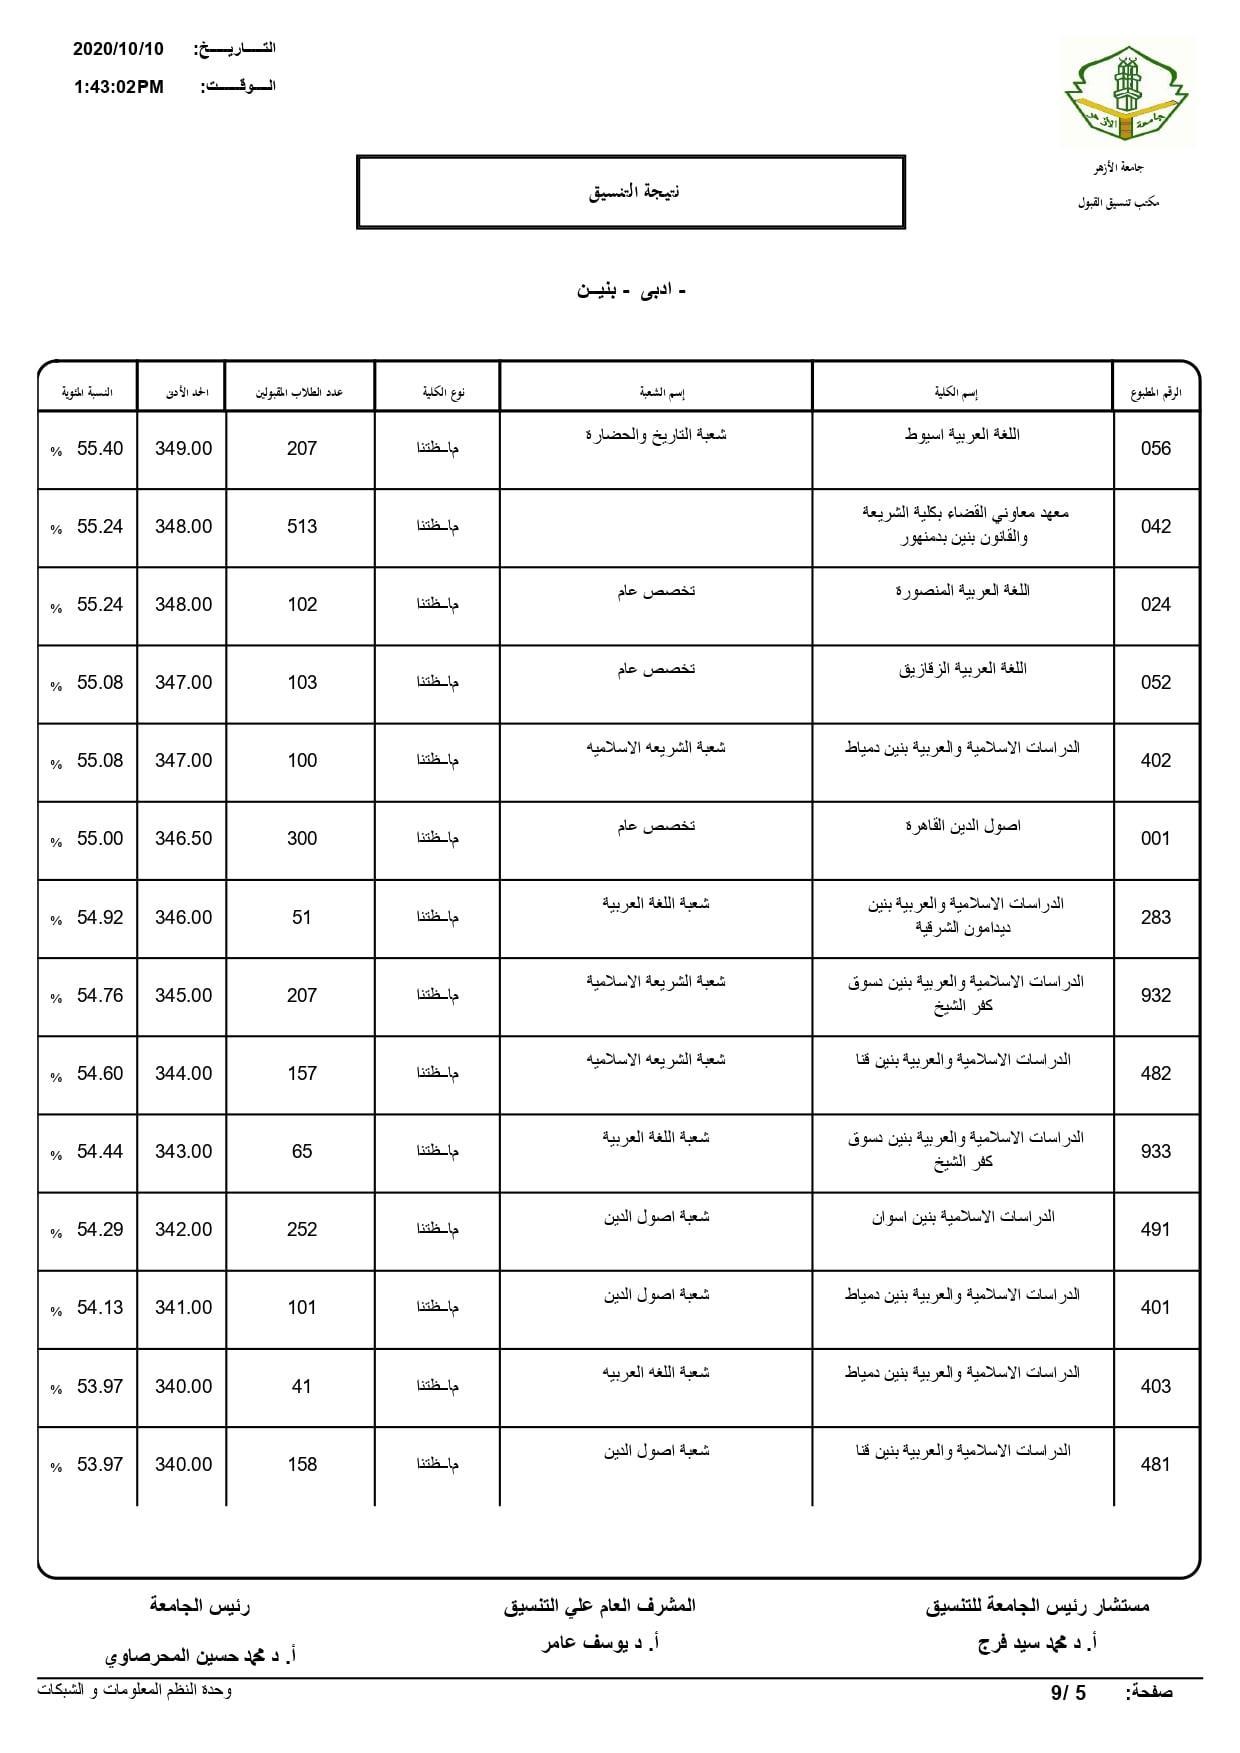 نتيجة تنسيق كليات جامعة الأزهر لعام 2020 بالكامل 20201010201739394